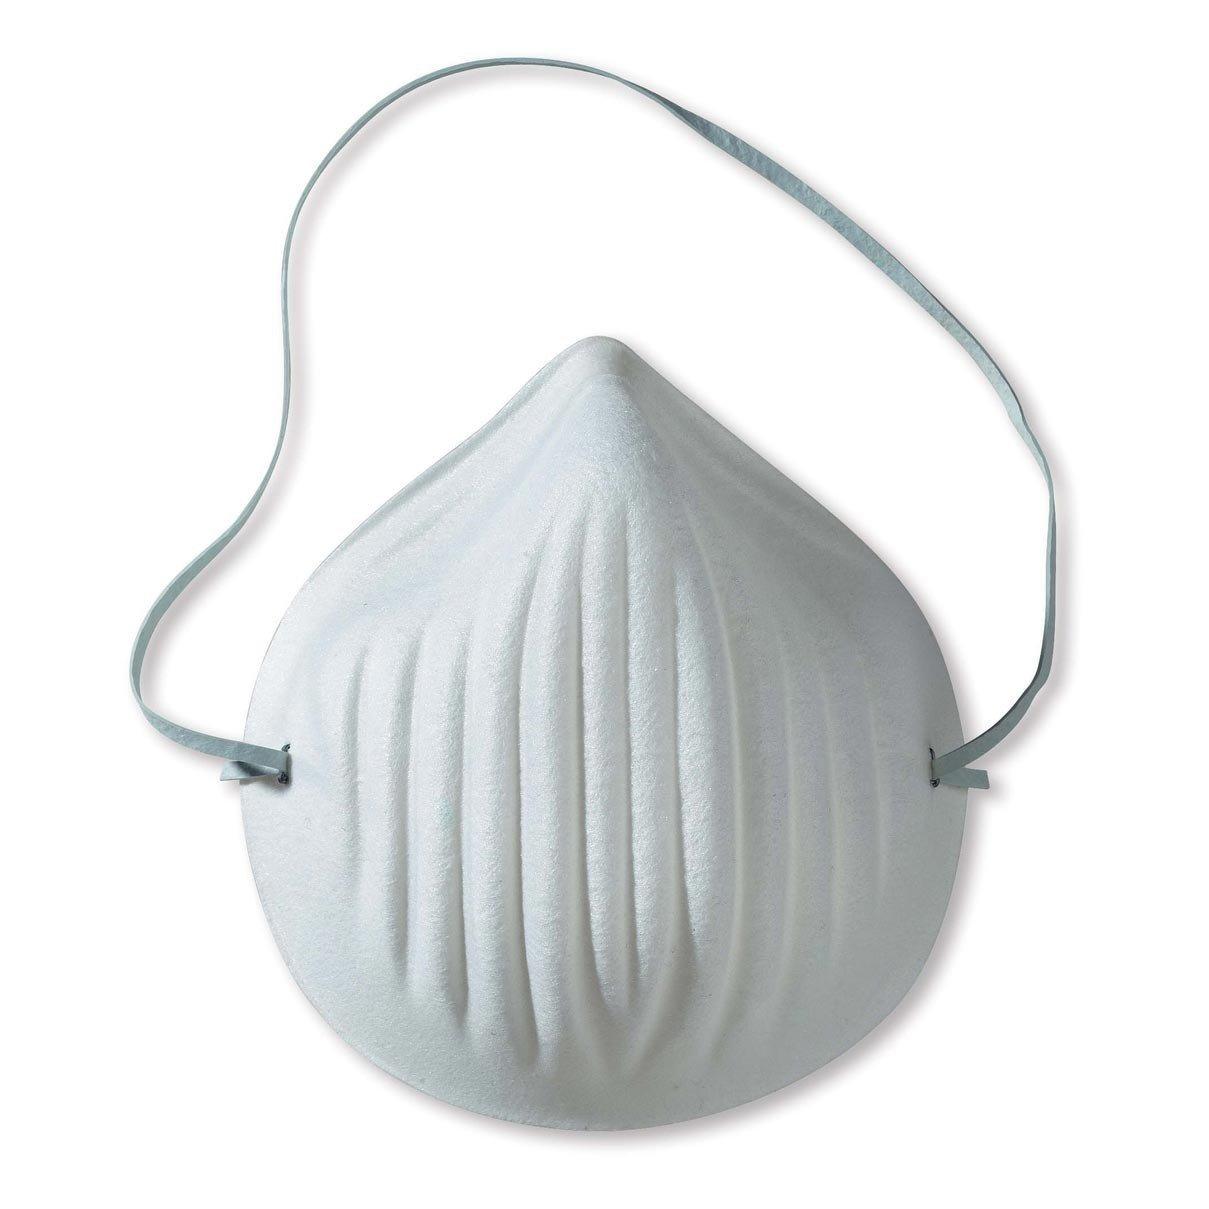 Moldex 1100 Nuisance Dust Mask - Box of 50